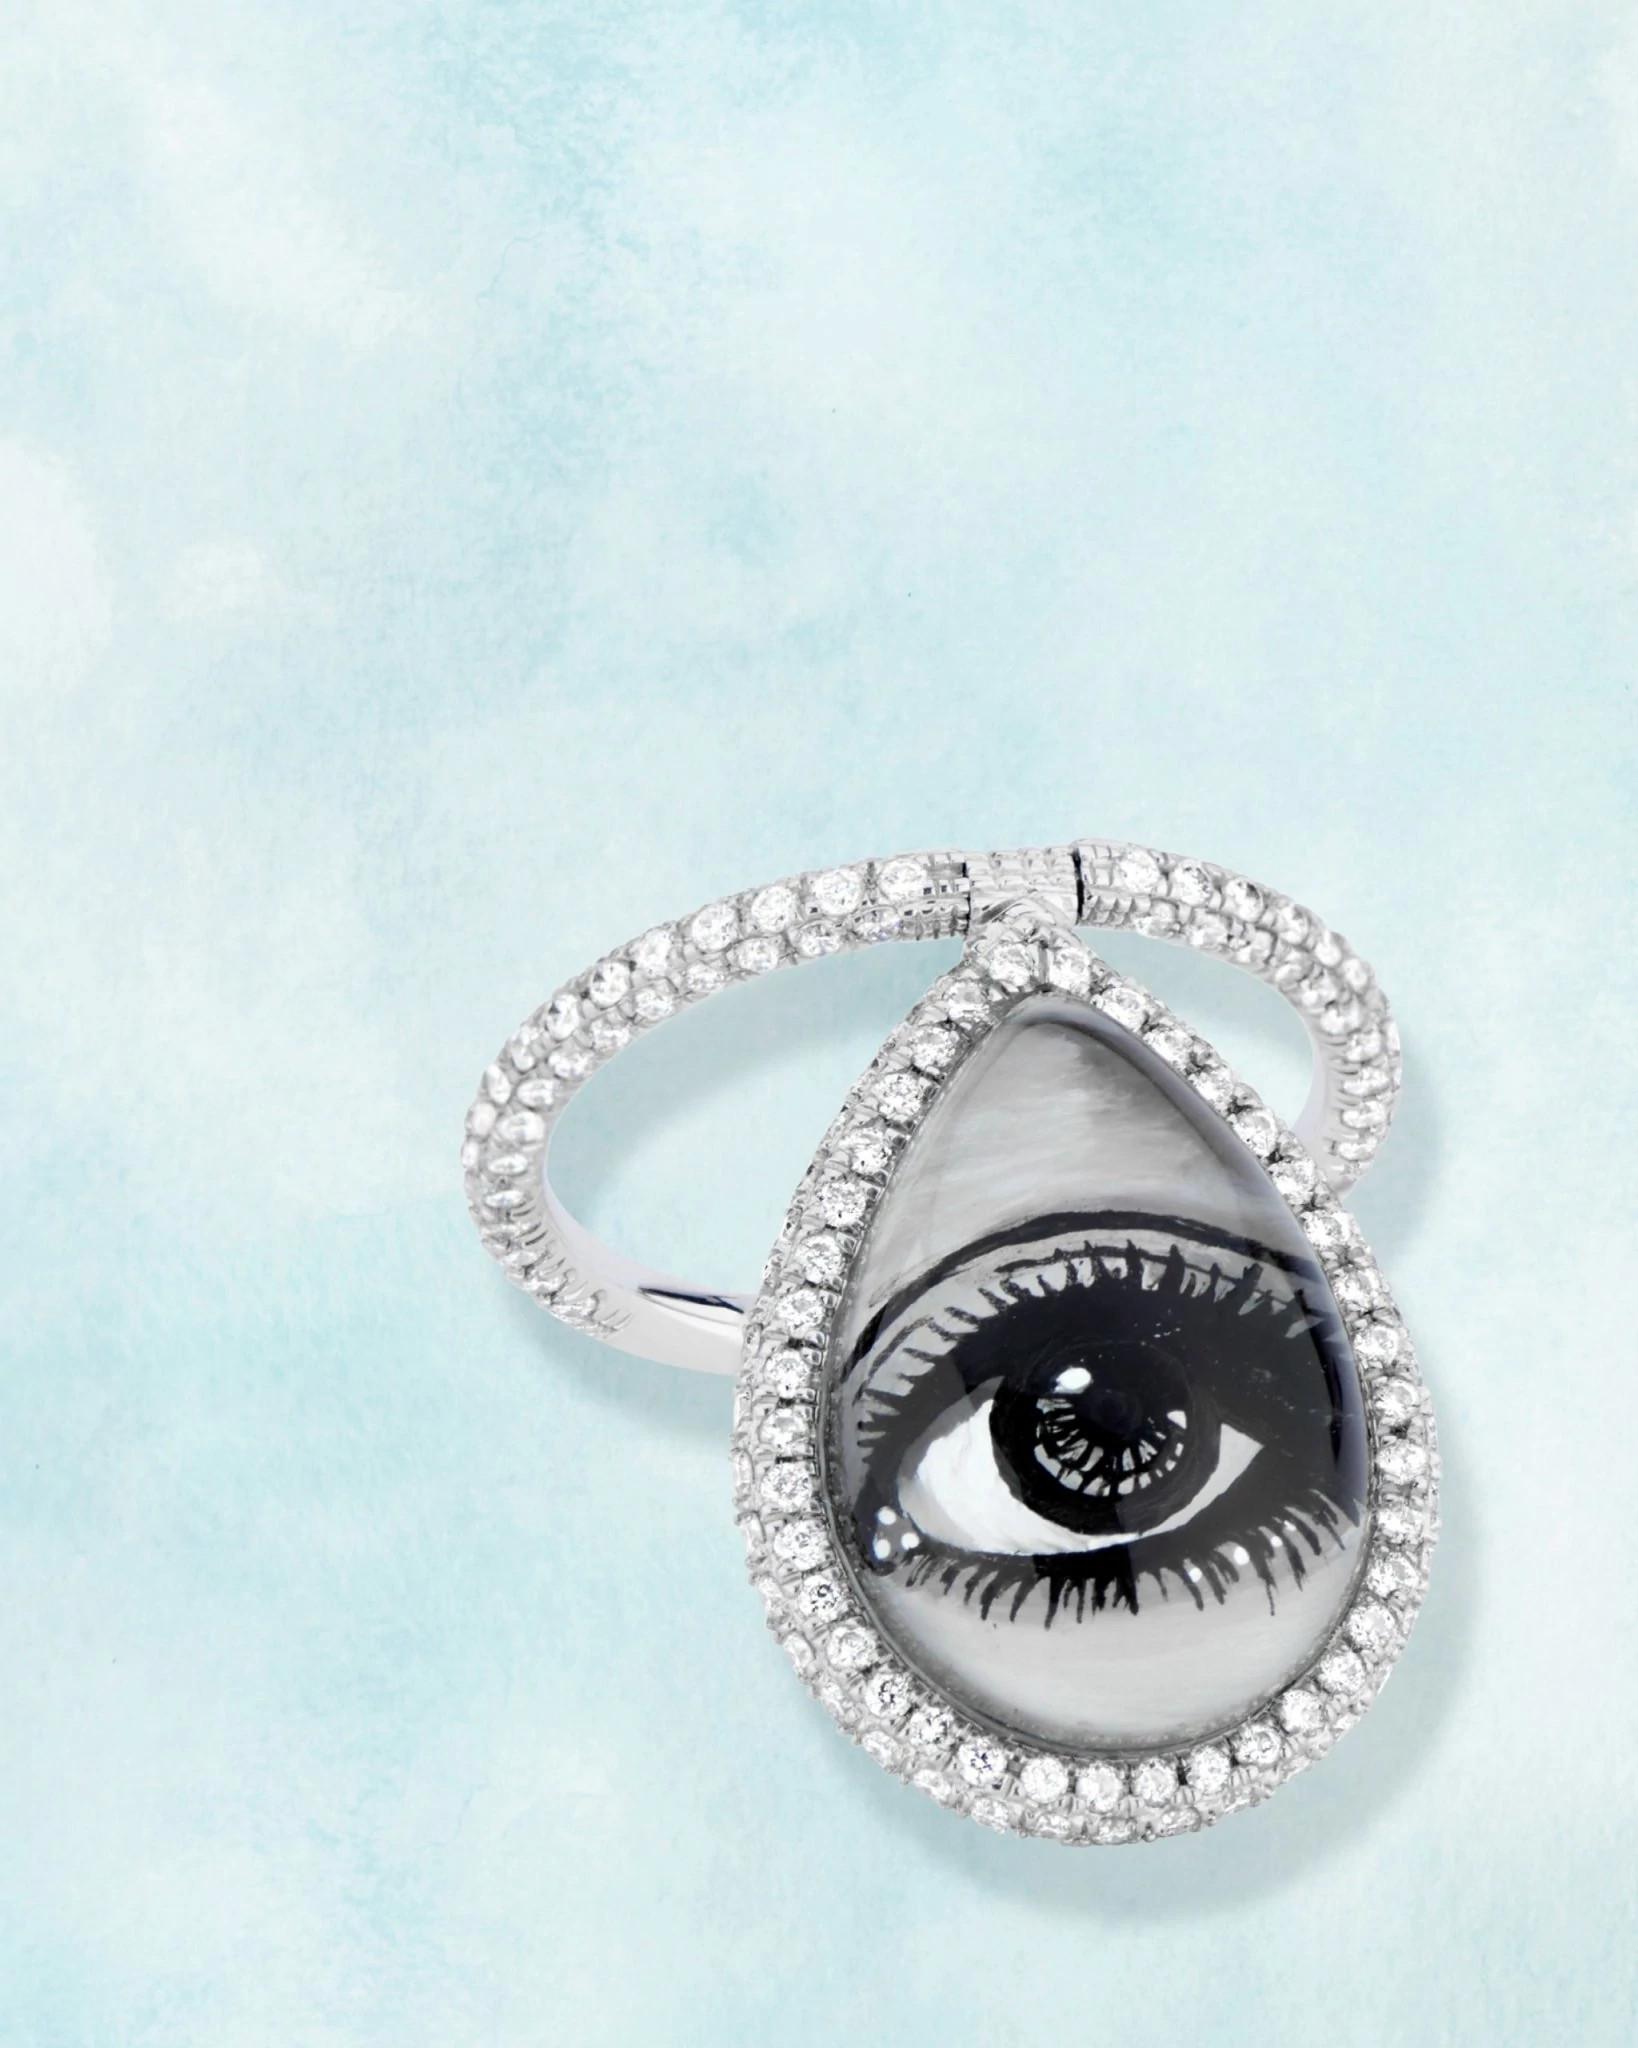 尼娜·朗斯多夫设计的天然钻石饰品